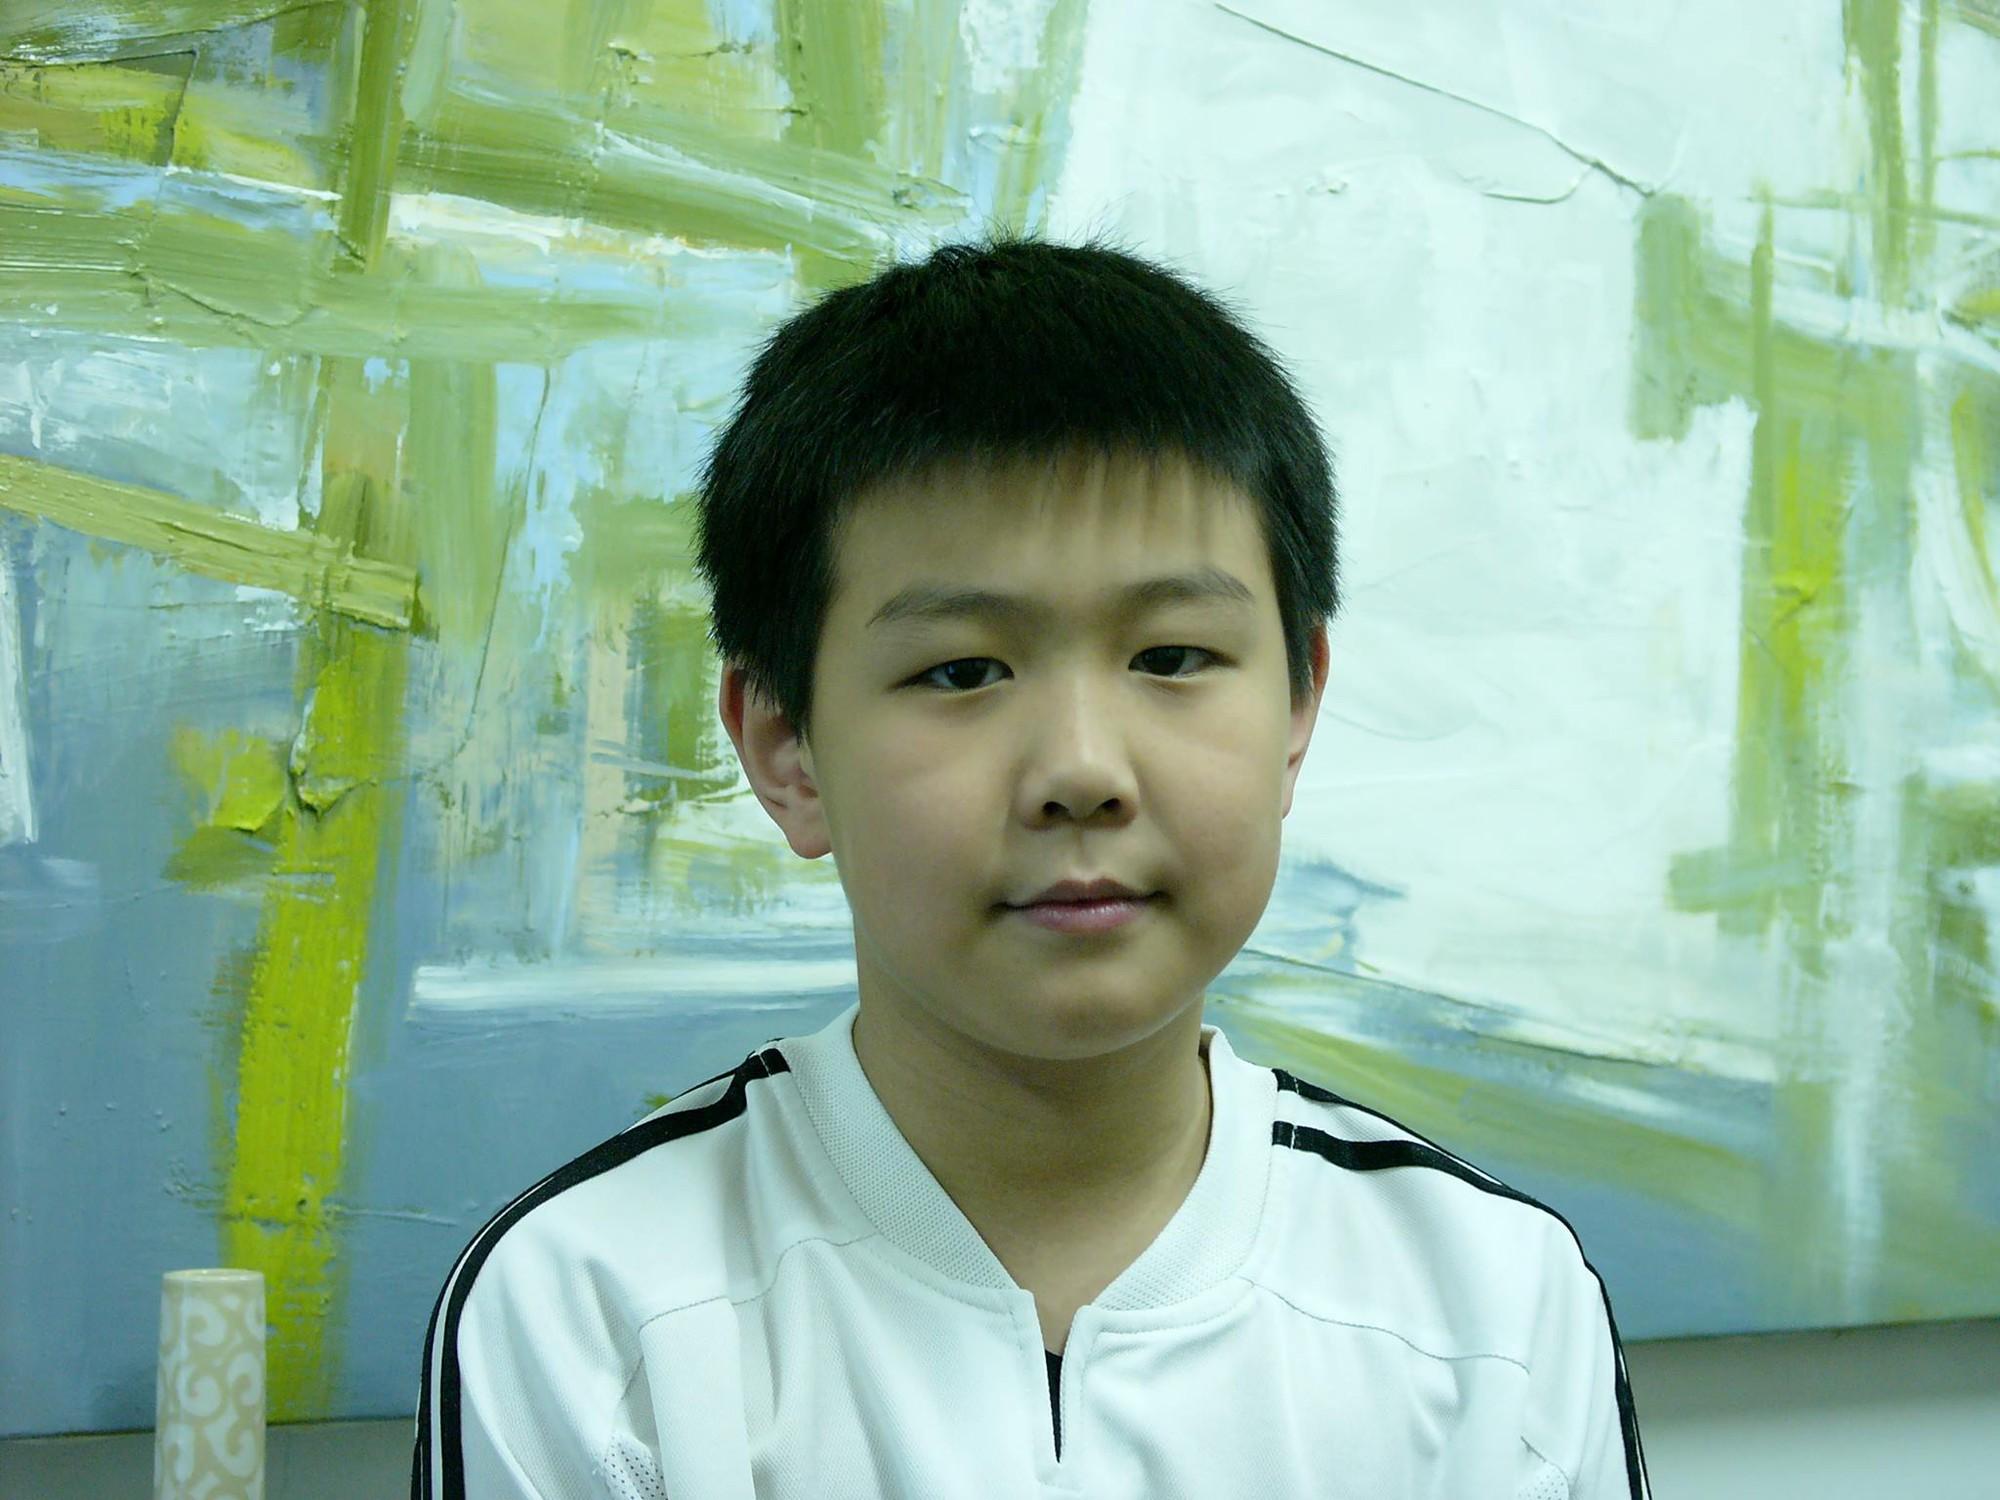 Còn nghi ngờ gì nữa, đây là tuổi thơ dữ dội mà các hot boy Việt chỉ muốn giữ cho riêng mình! - Ảnh 26.